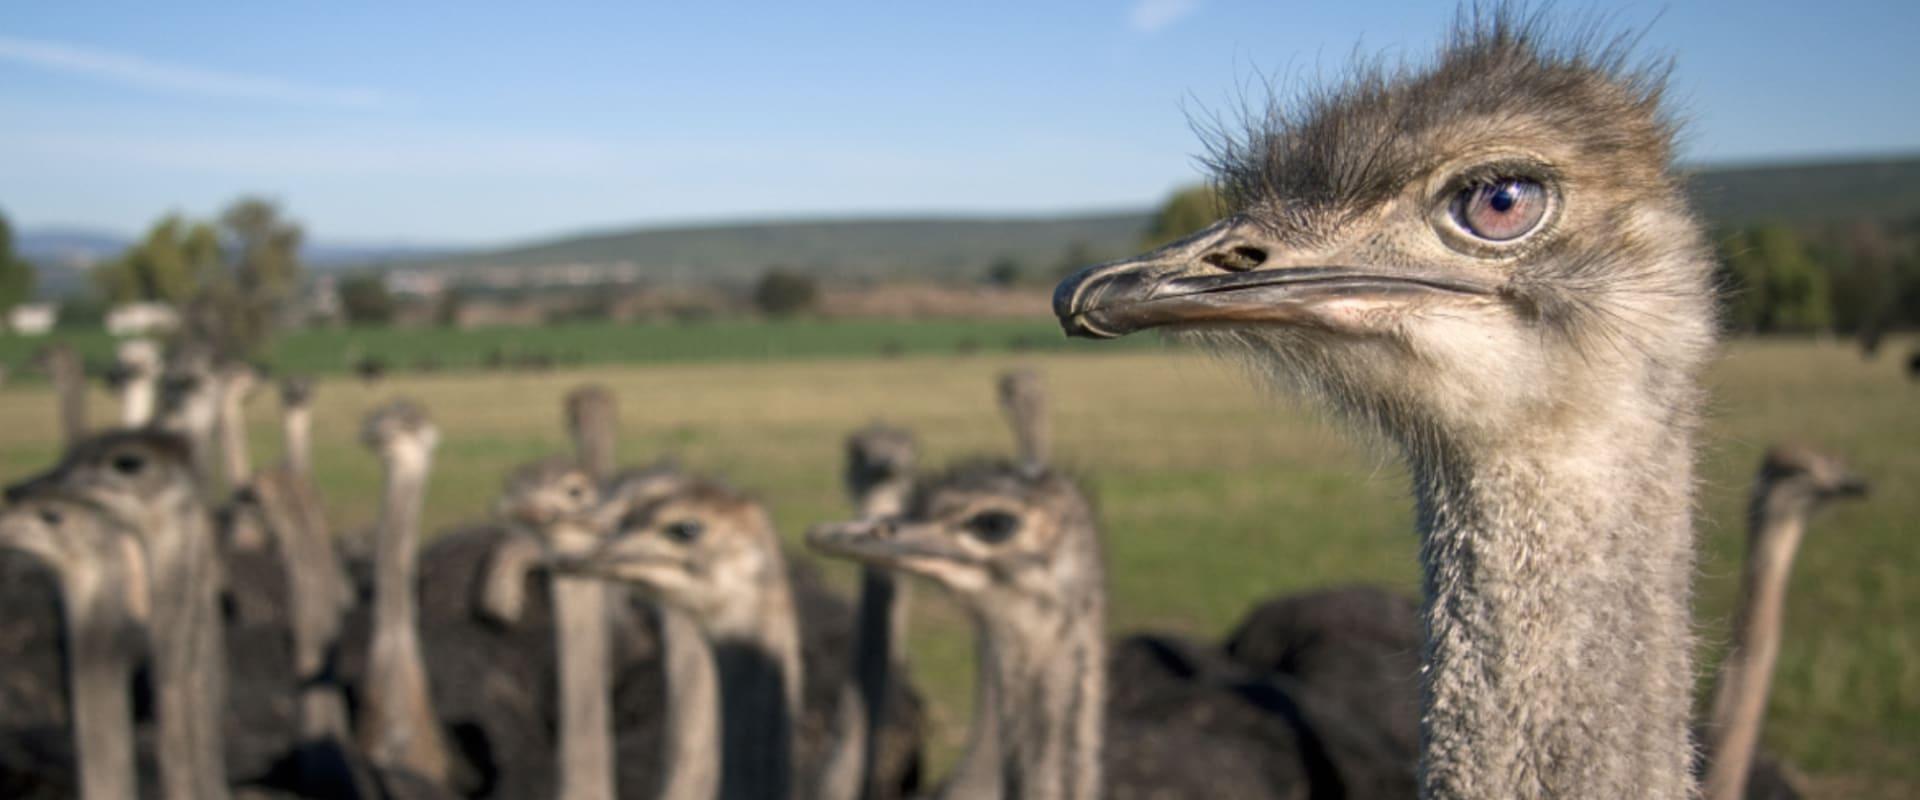 Visit Ostrich farm in Noordhoek